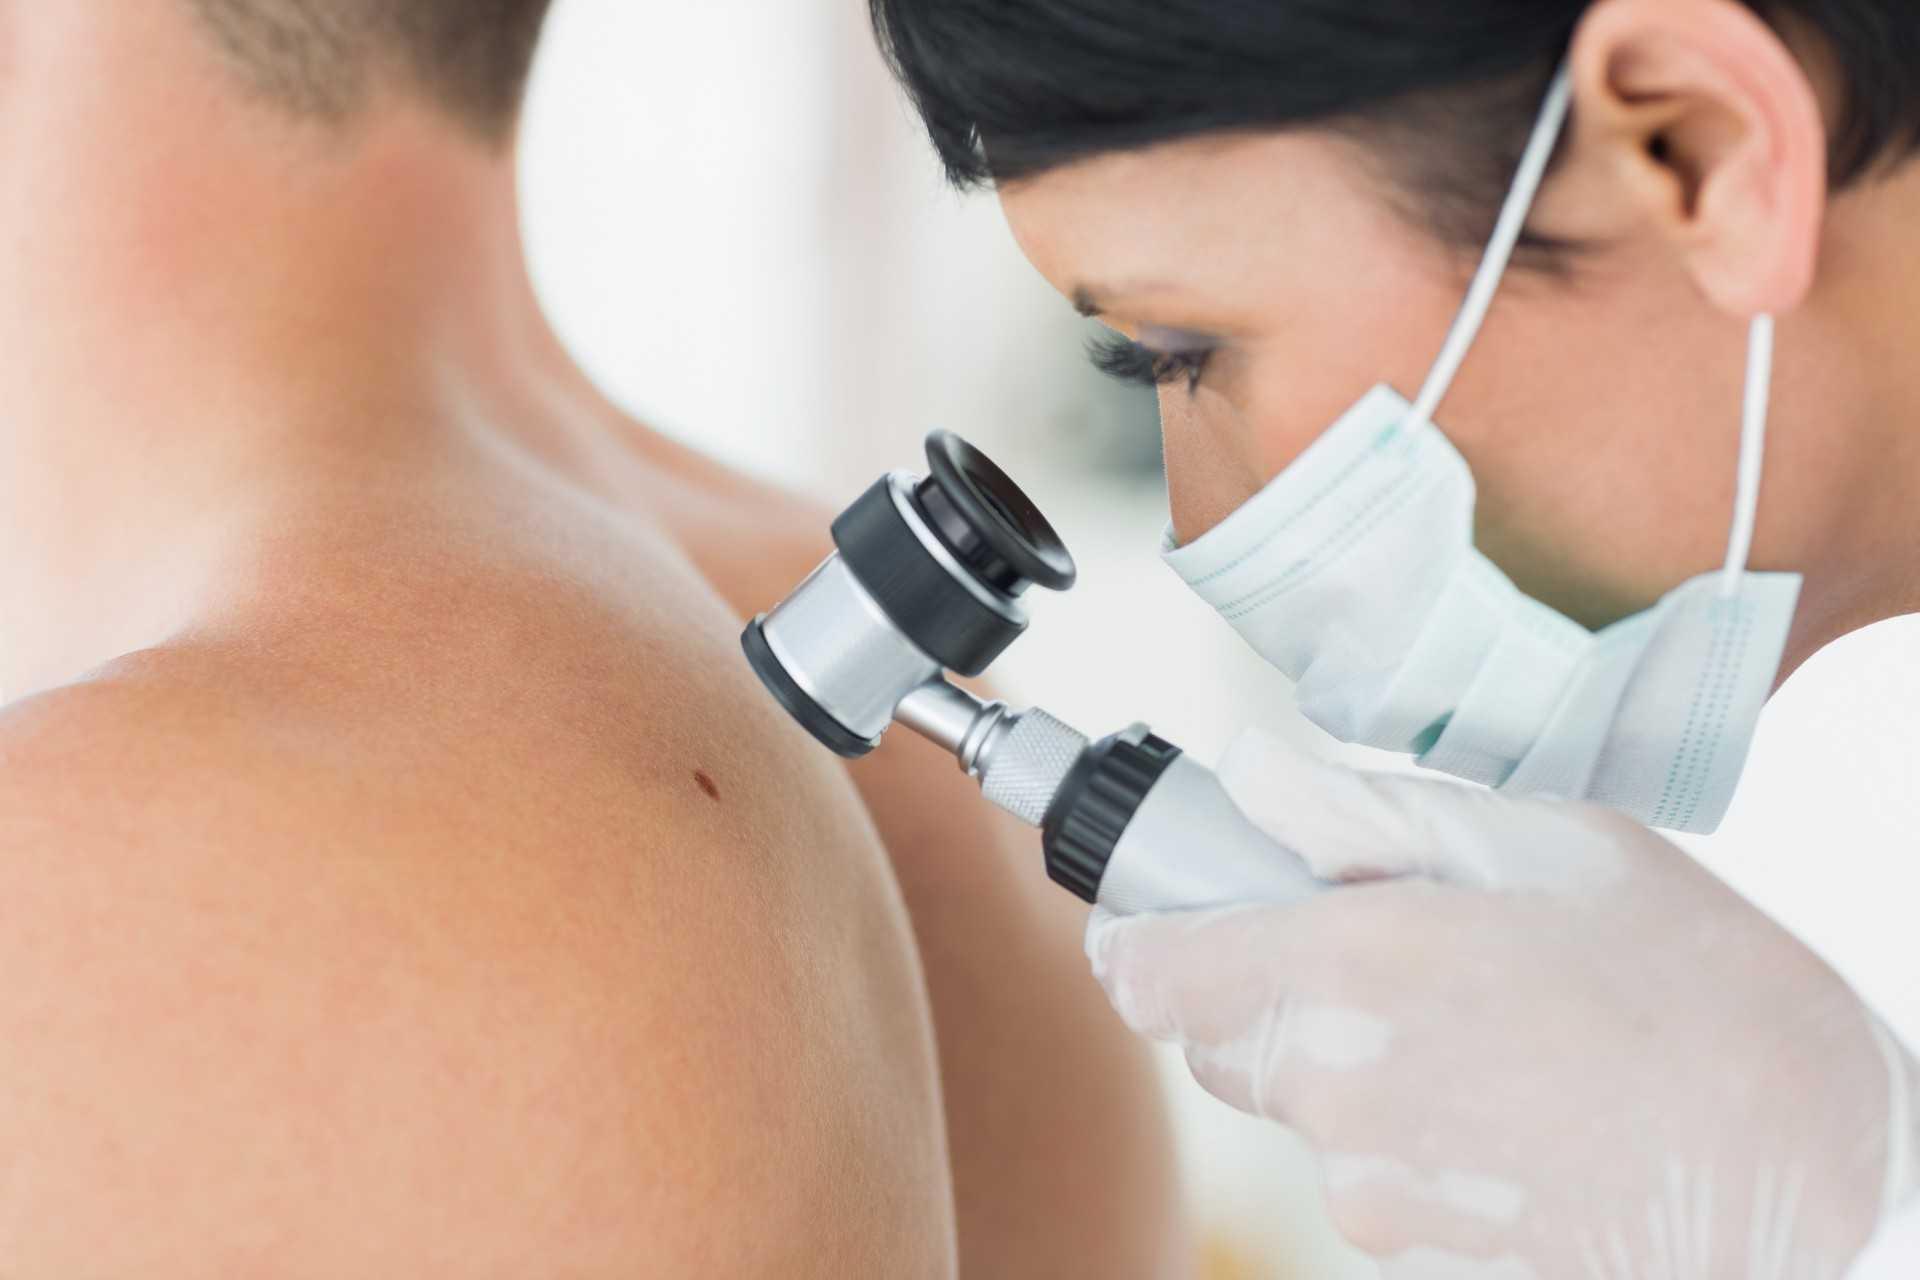 профилактика и лечение шрамов после удаления родинки